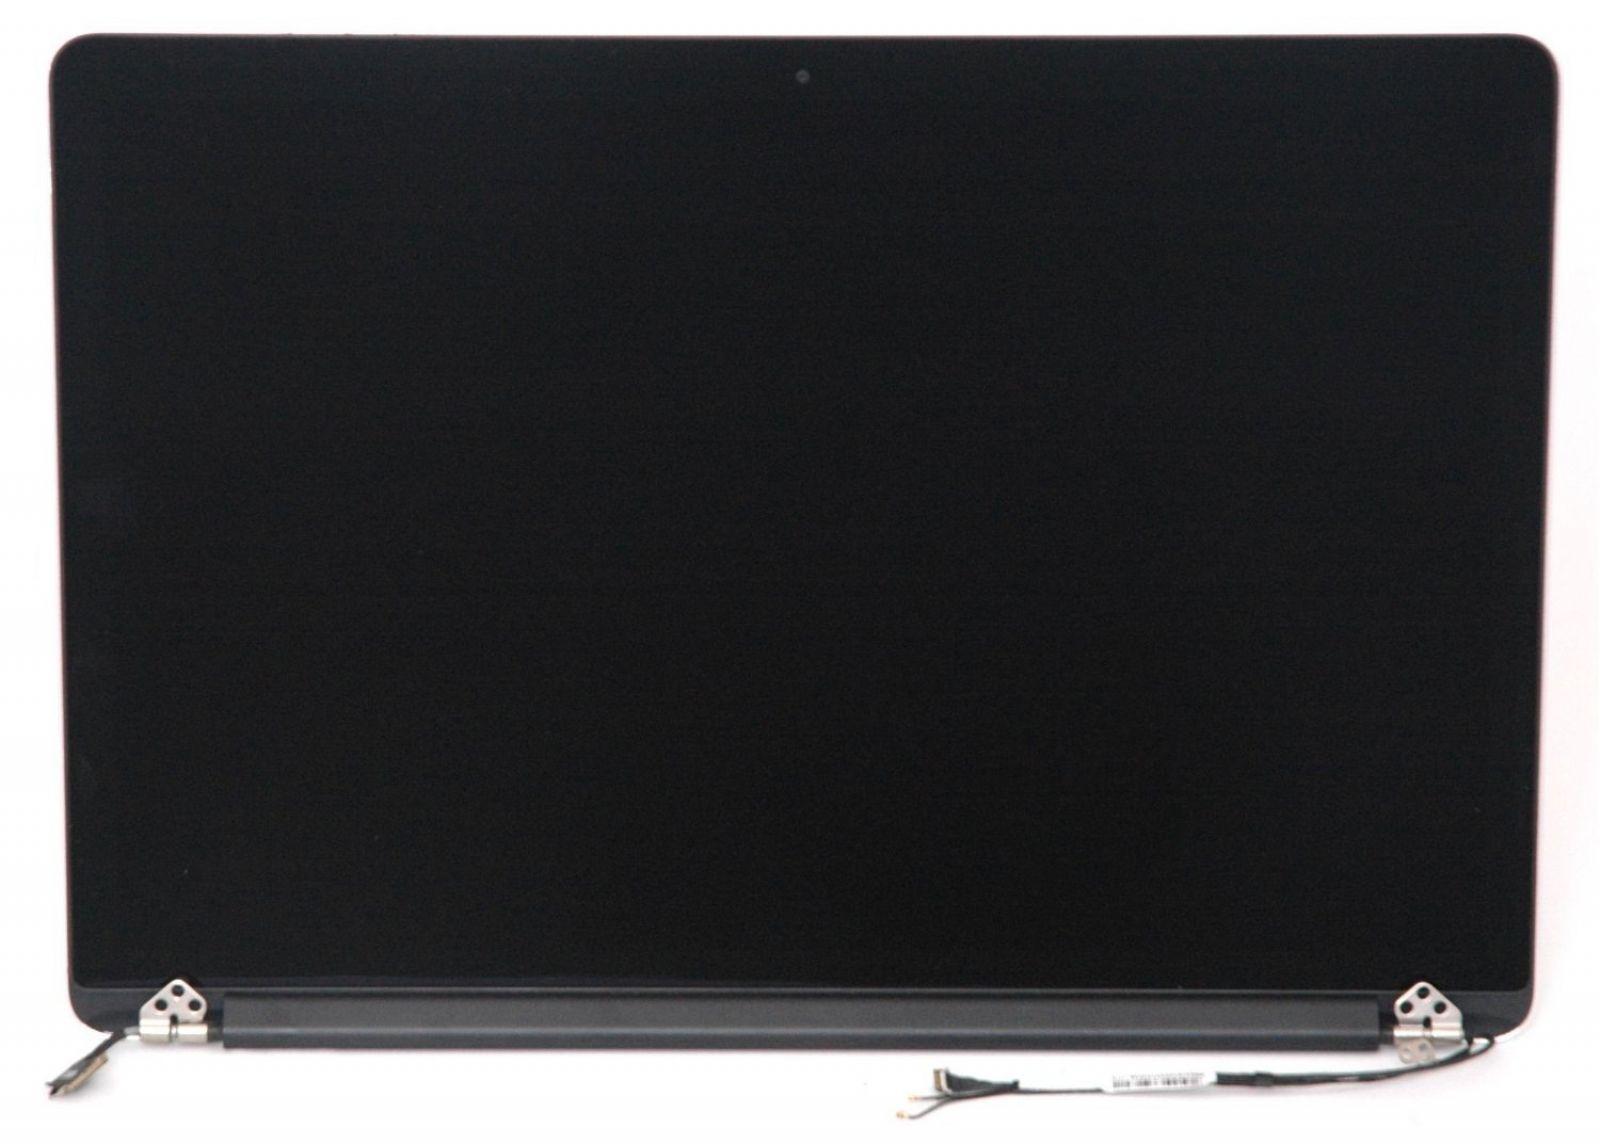 Bưởng màn hình macbook pro retina 15.4inch A1398 2015 MJLQQL/A MJLT2LL/A